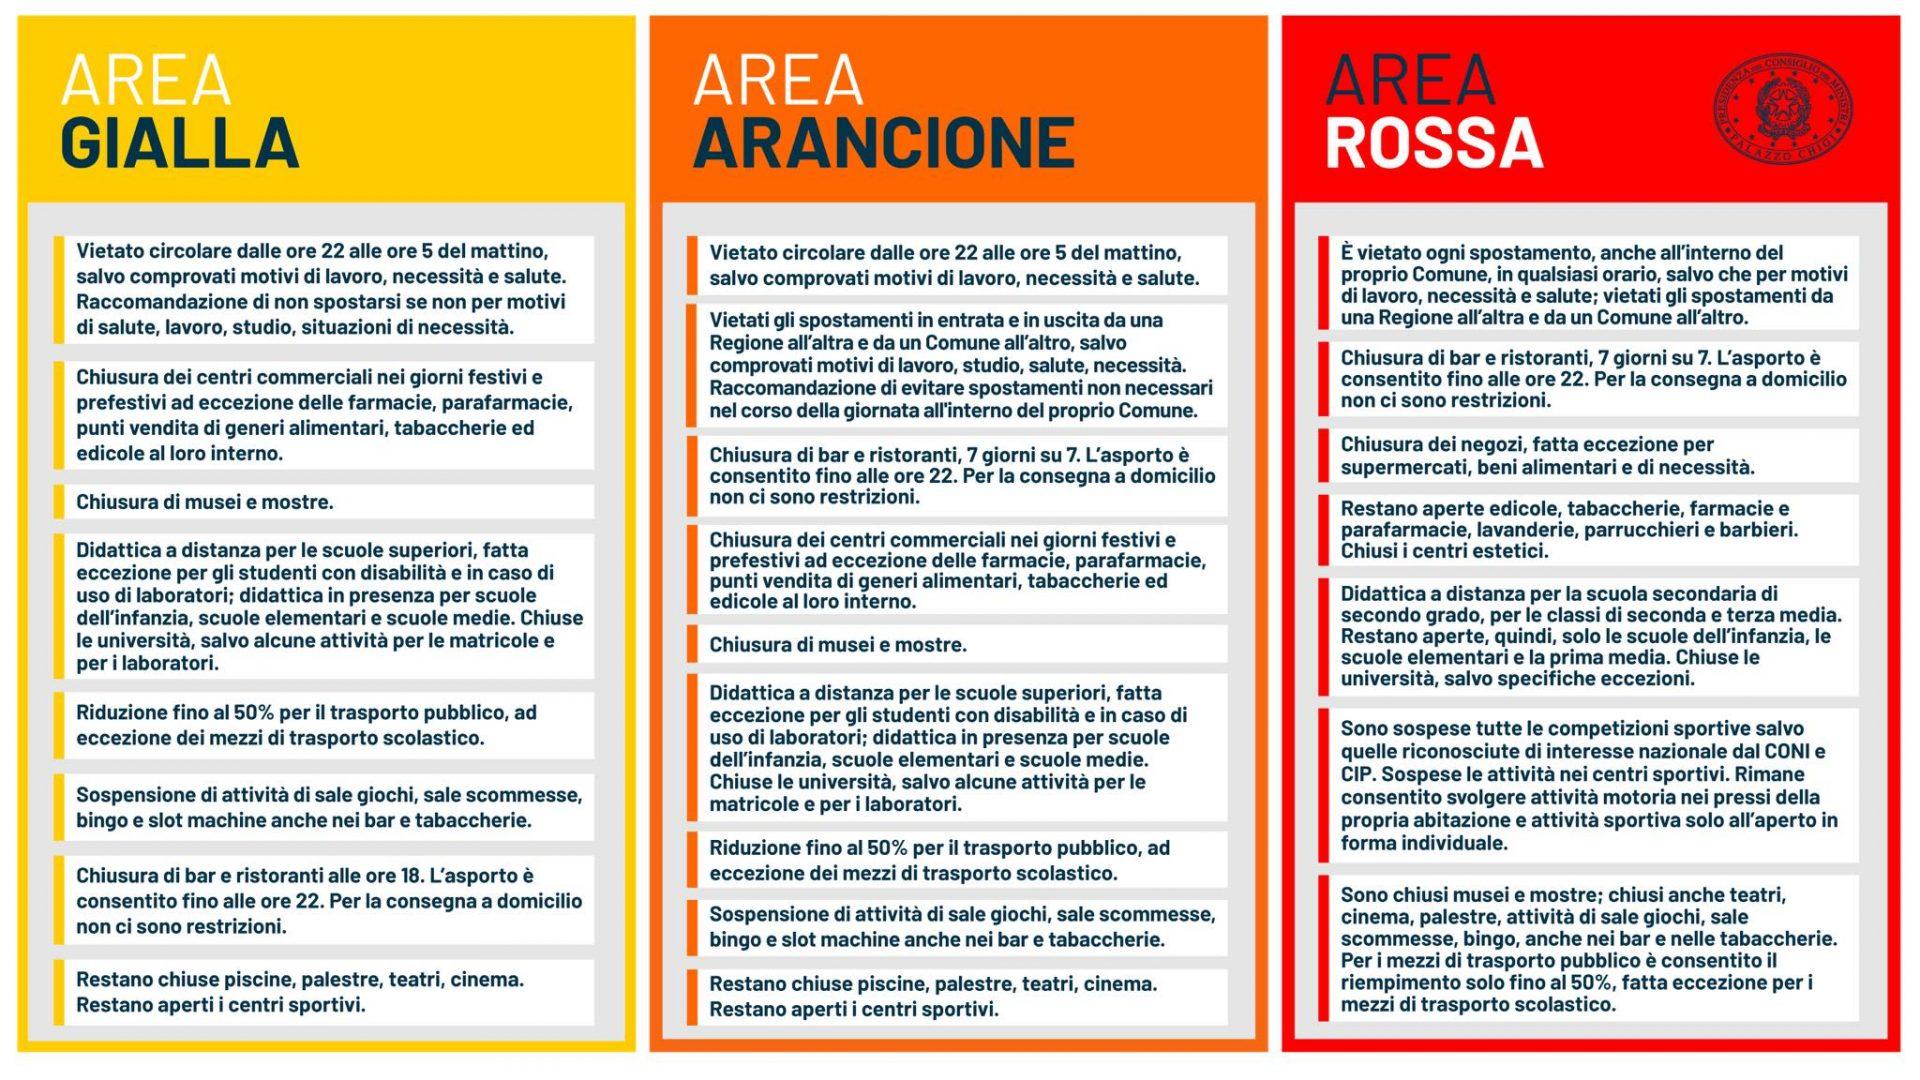 area gialla arancione rossa